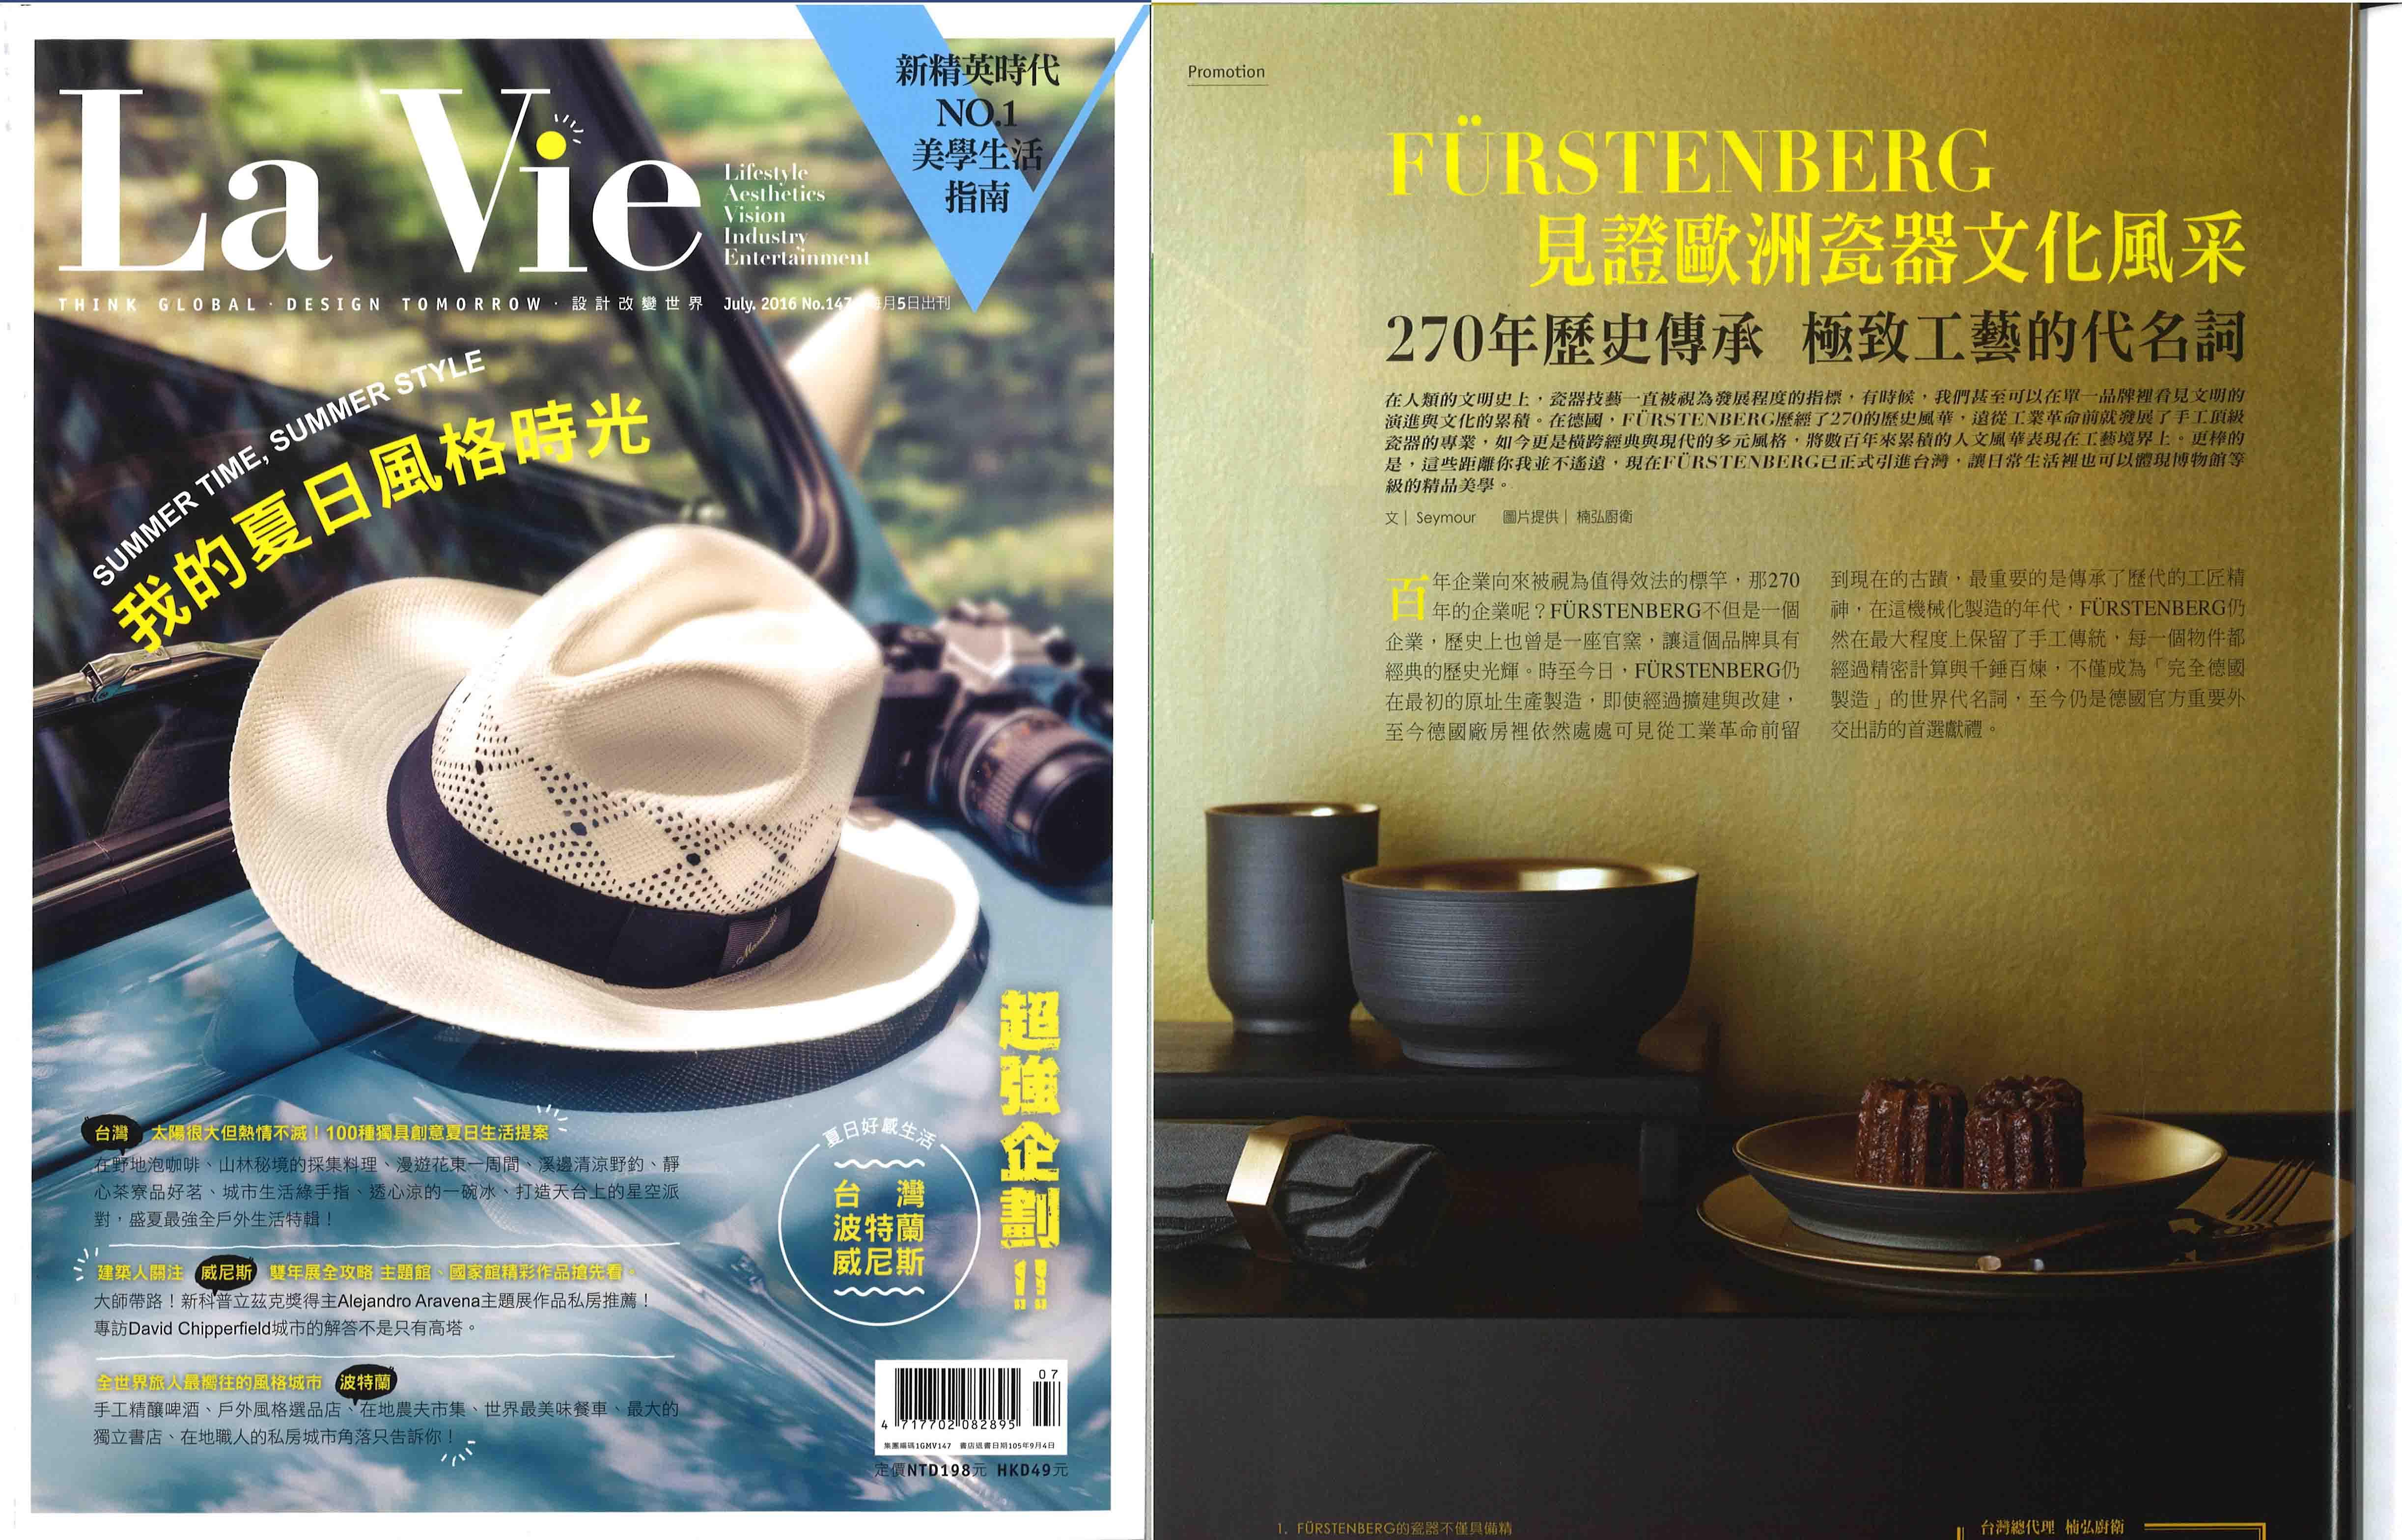 La Vie Taiwan